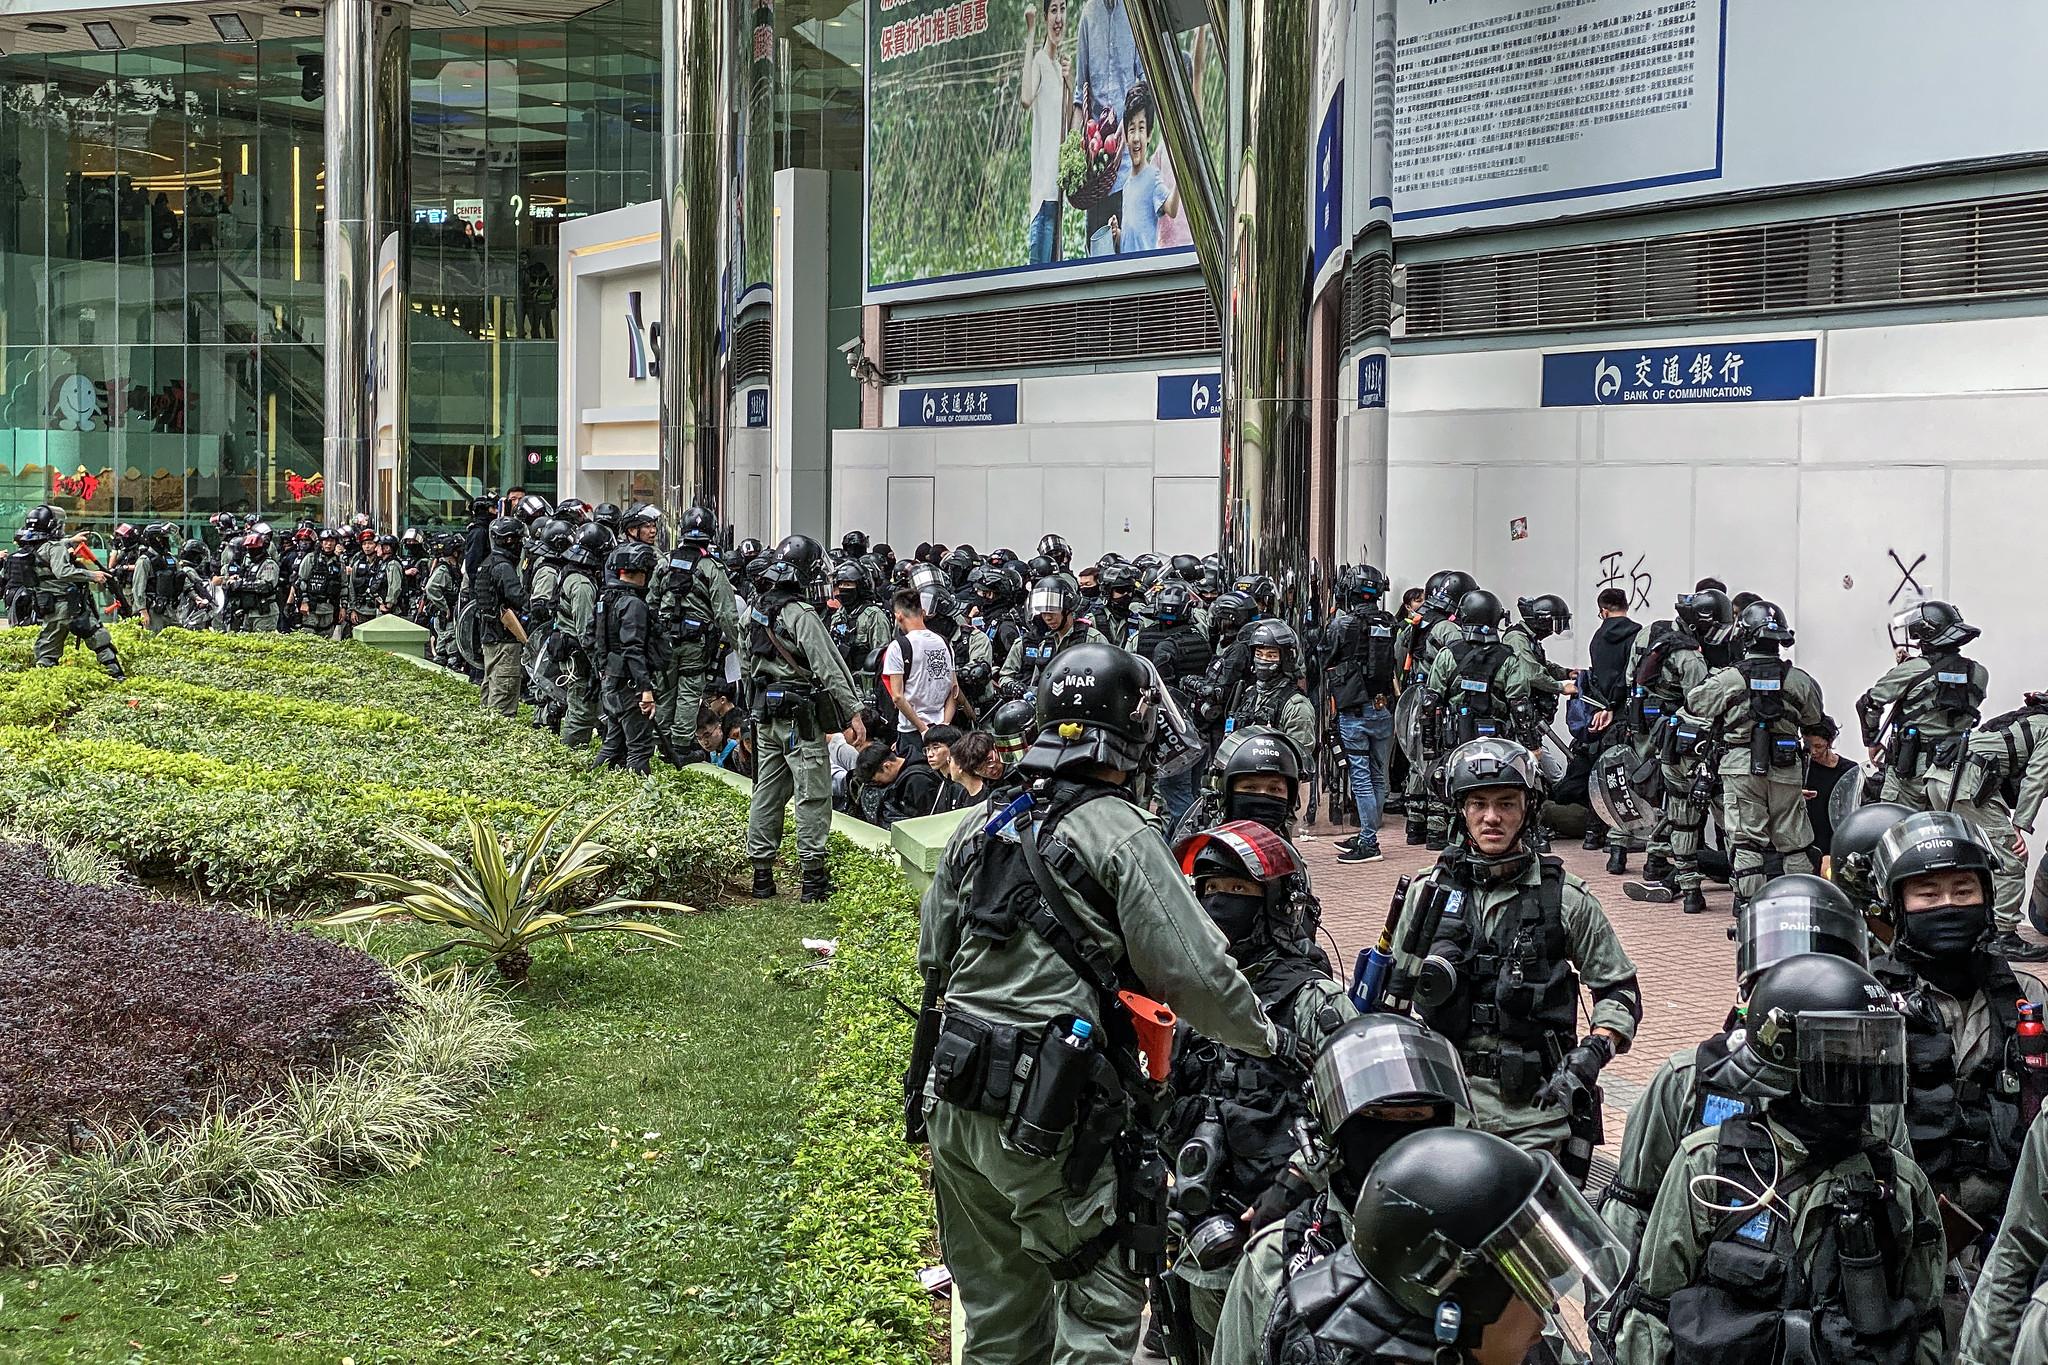 香港上水抗议示威游行遭警方围捕 42人被抓